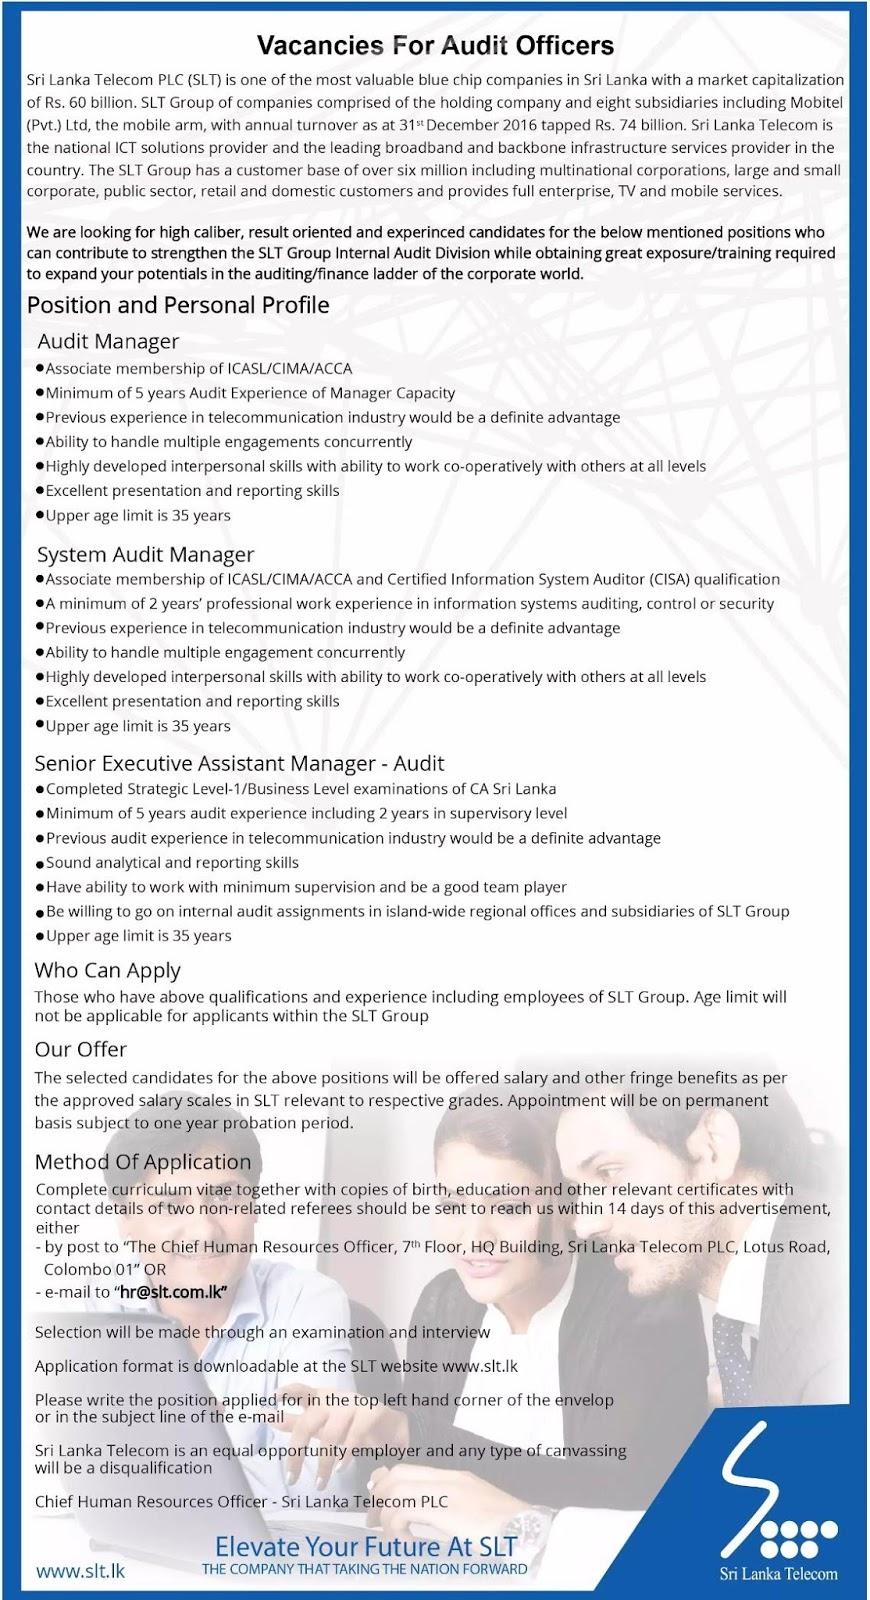 Sri Lanka Telecom Audit Vacancies  Government Jobs